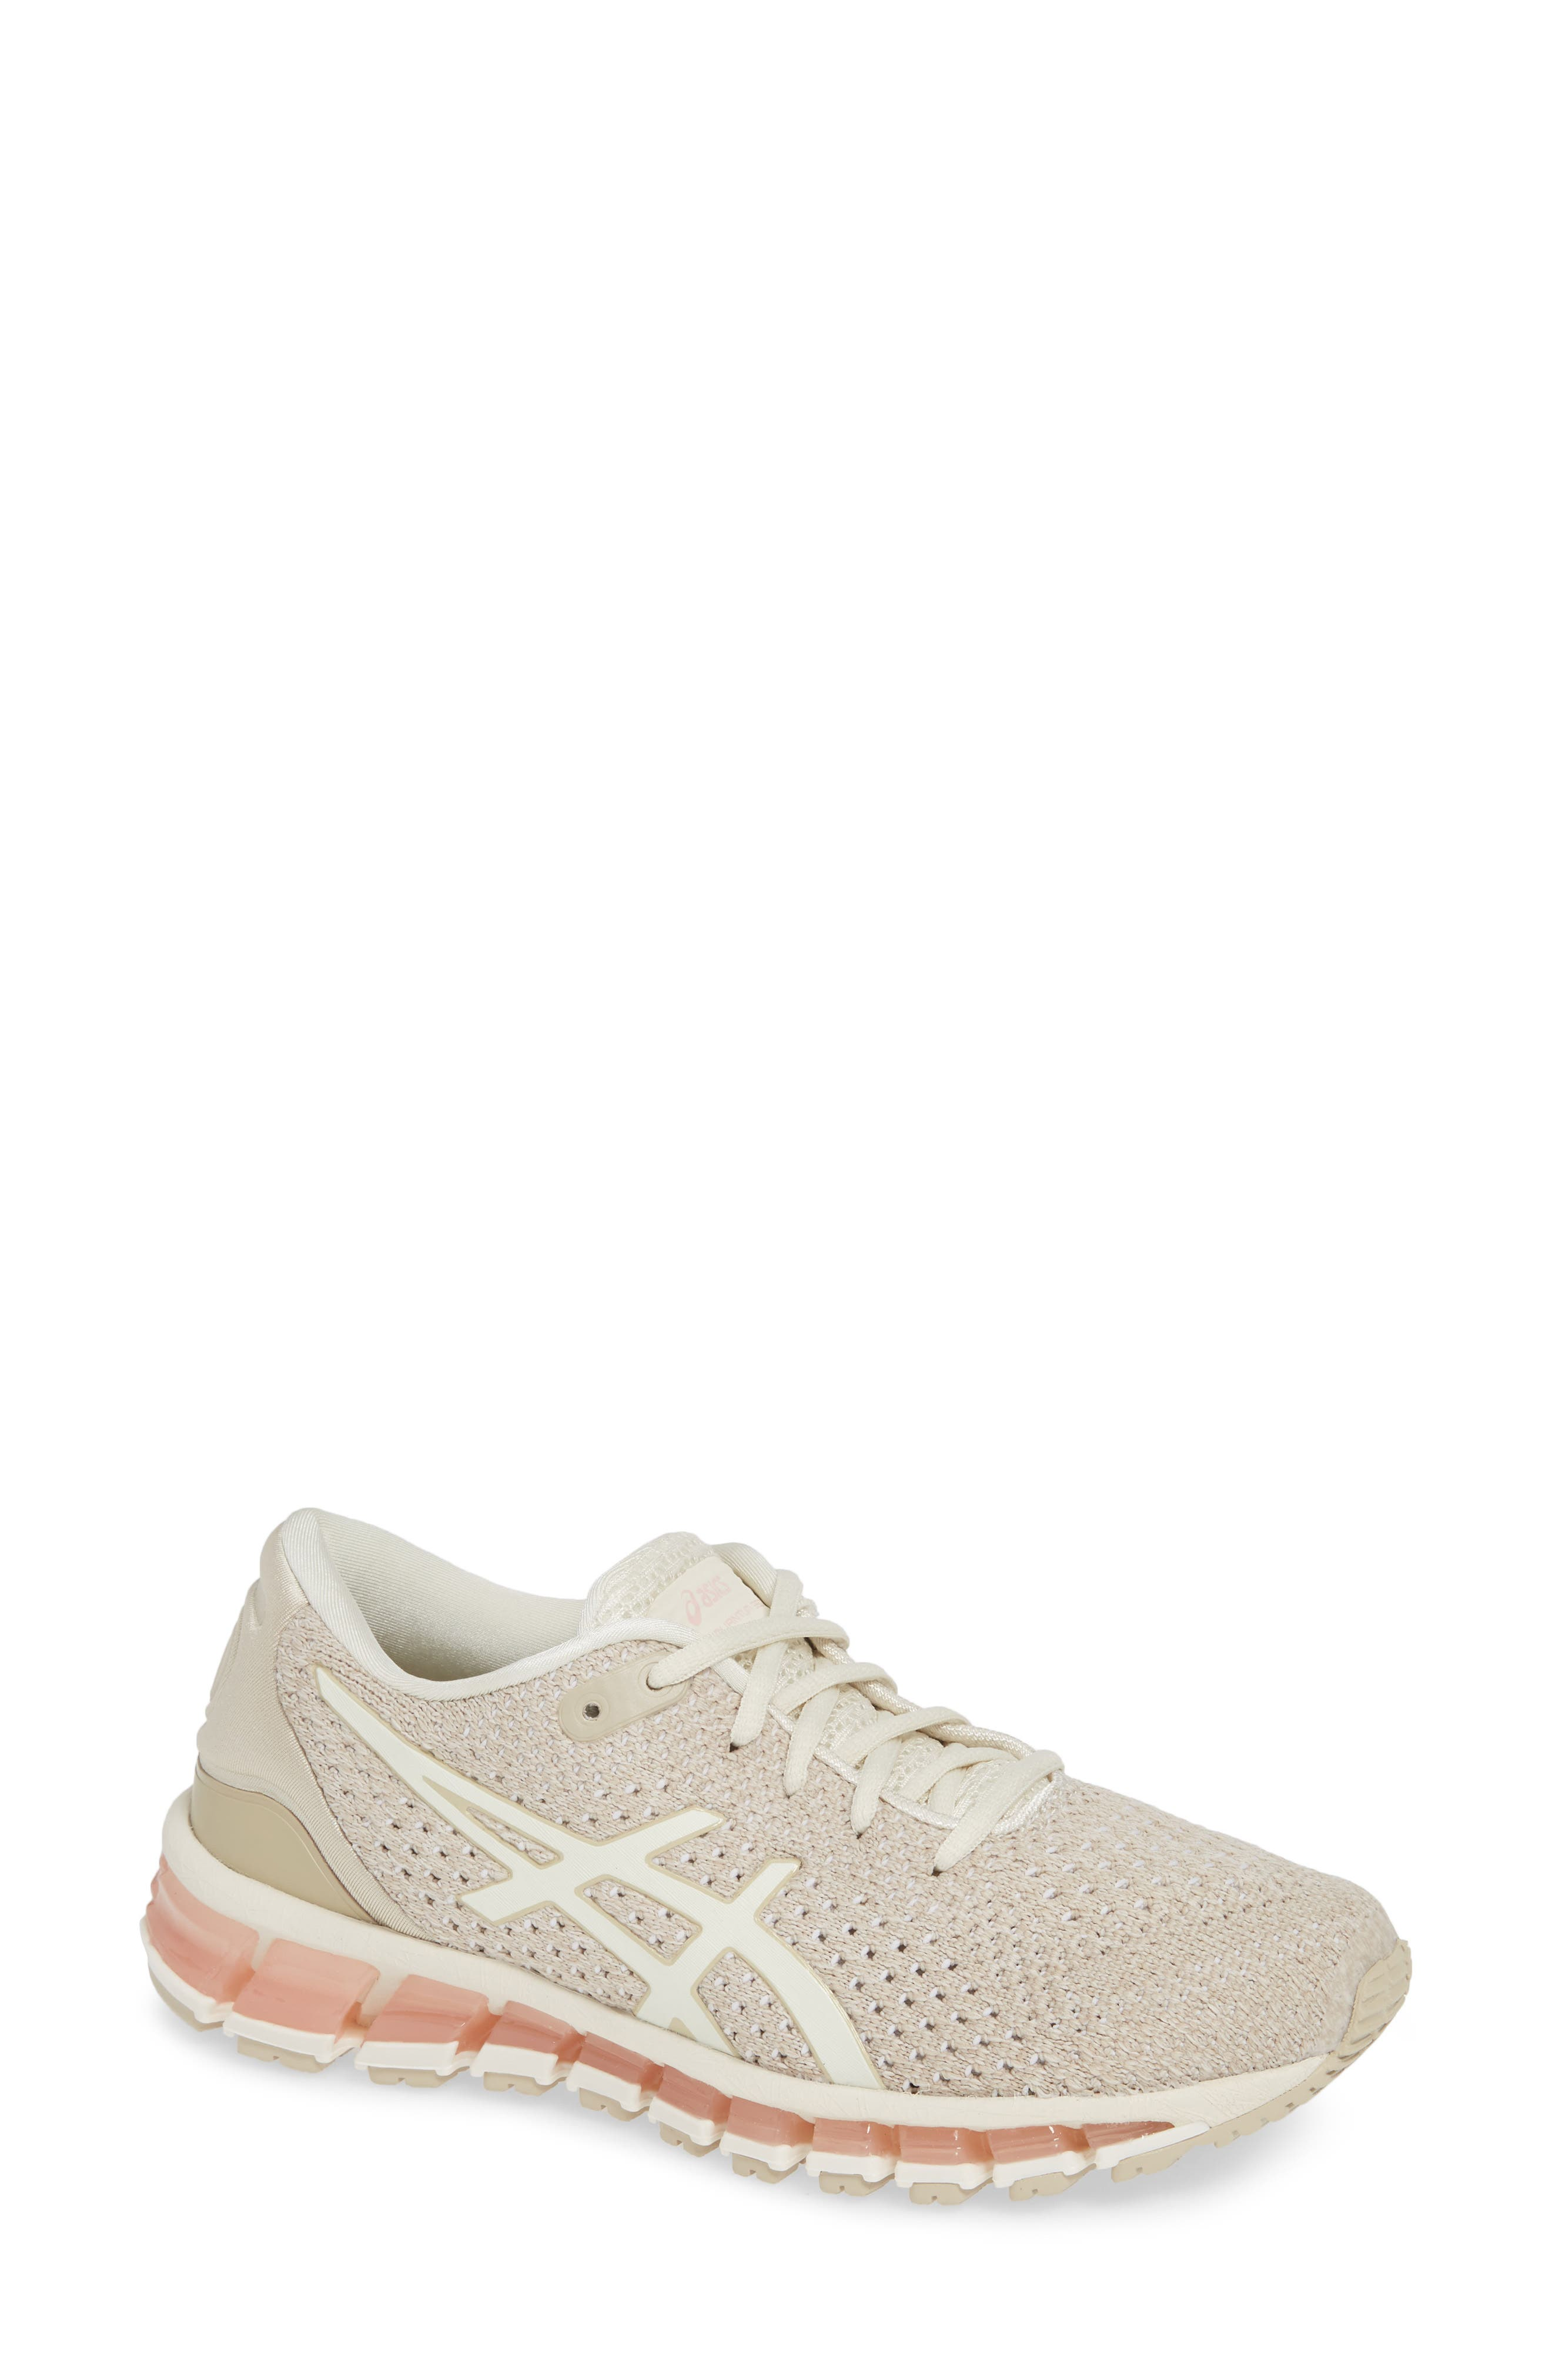 Asics Gel-Quantum 360 Running Shoe, Beige